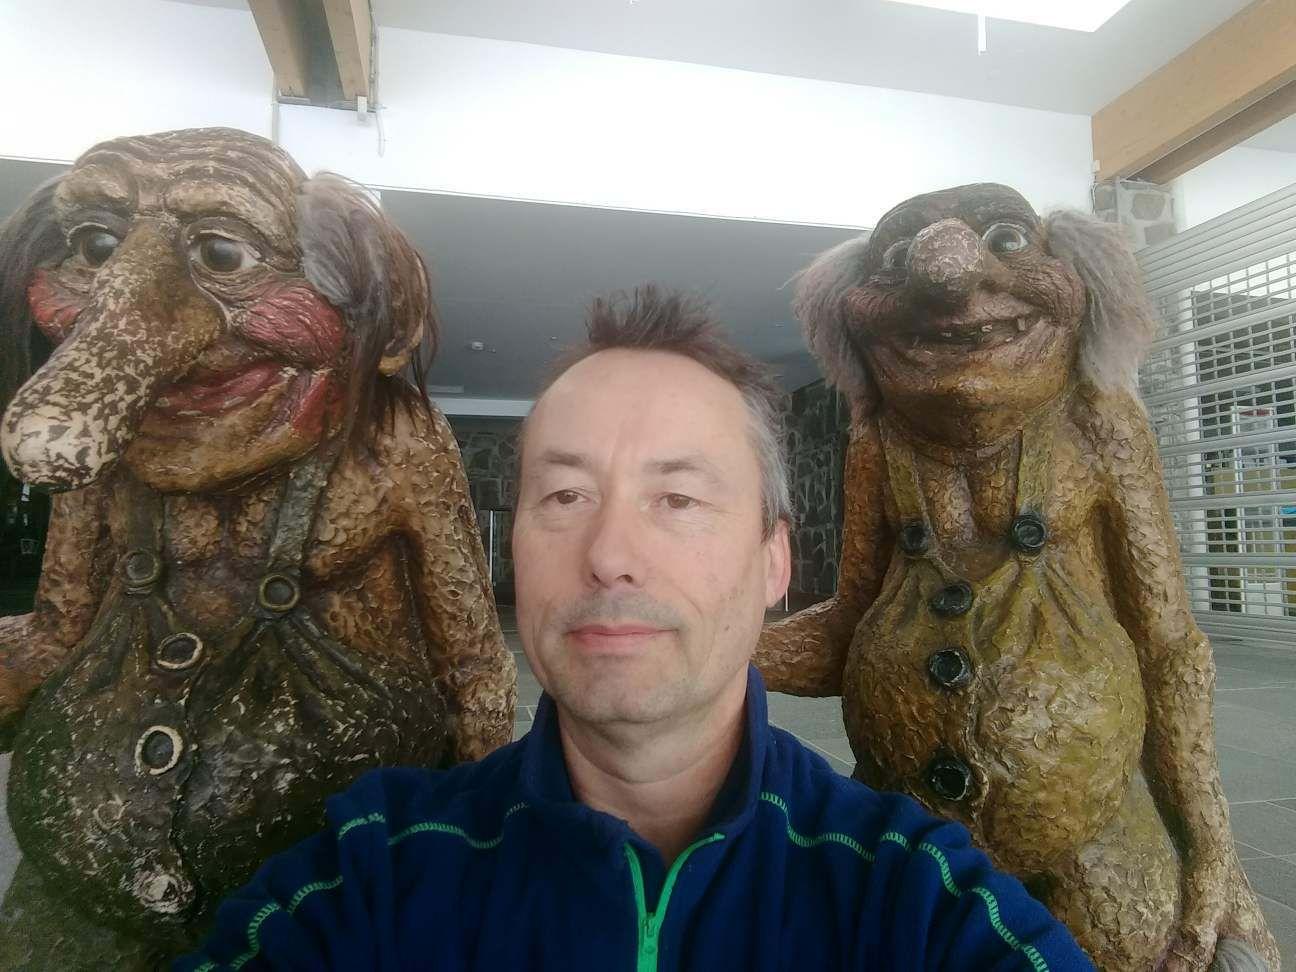 TROLLFIE: – Jeg tok dagene som de kom. Det har vært bra hele tiden, sier 53-åringen. Til VG forteller han at han fant noen troll å snakke med mens han var alene på Nordkapp-platået.